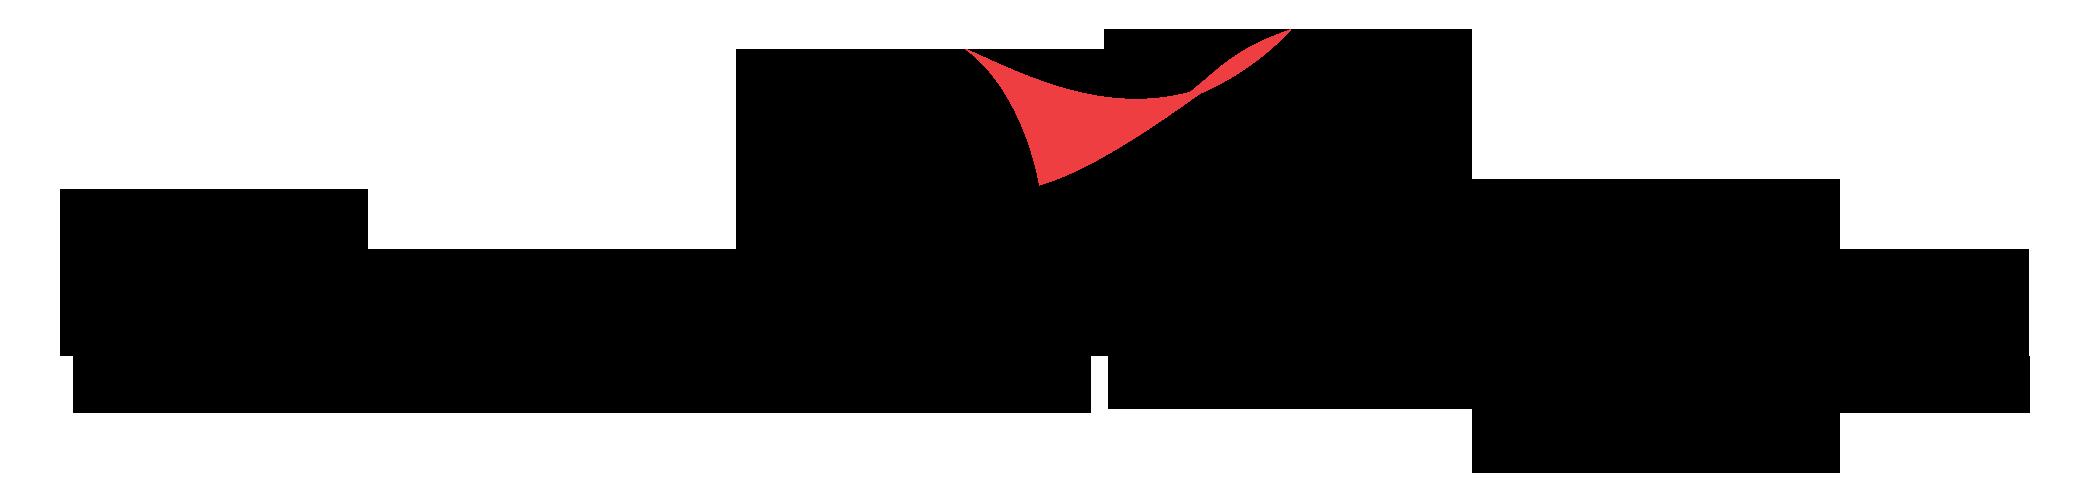 https://rosterkey.com/app/uploads/2019/10/conocophillips-logo-png-2088.png